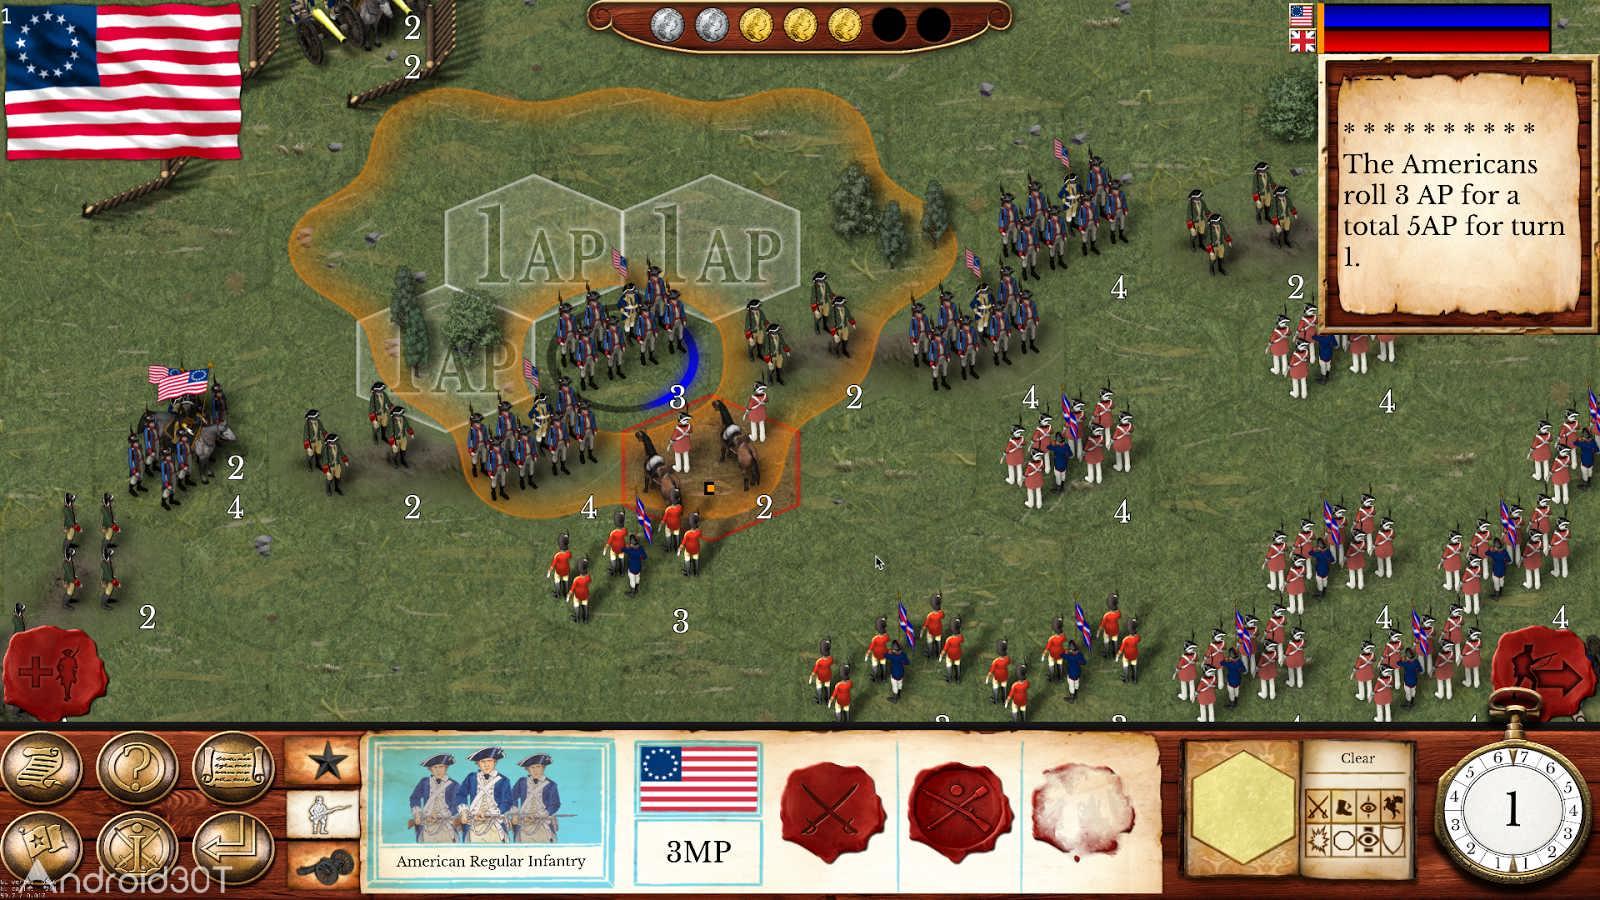 دانلود Hold the Line: The American Revolution 1.0 – بازی استراتژیکی انقلاب آمریکا اندروید